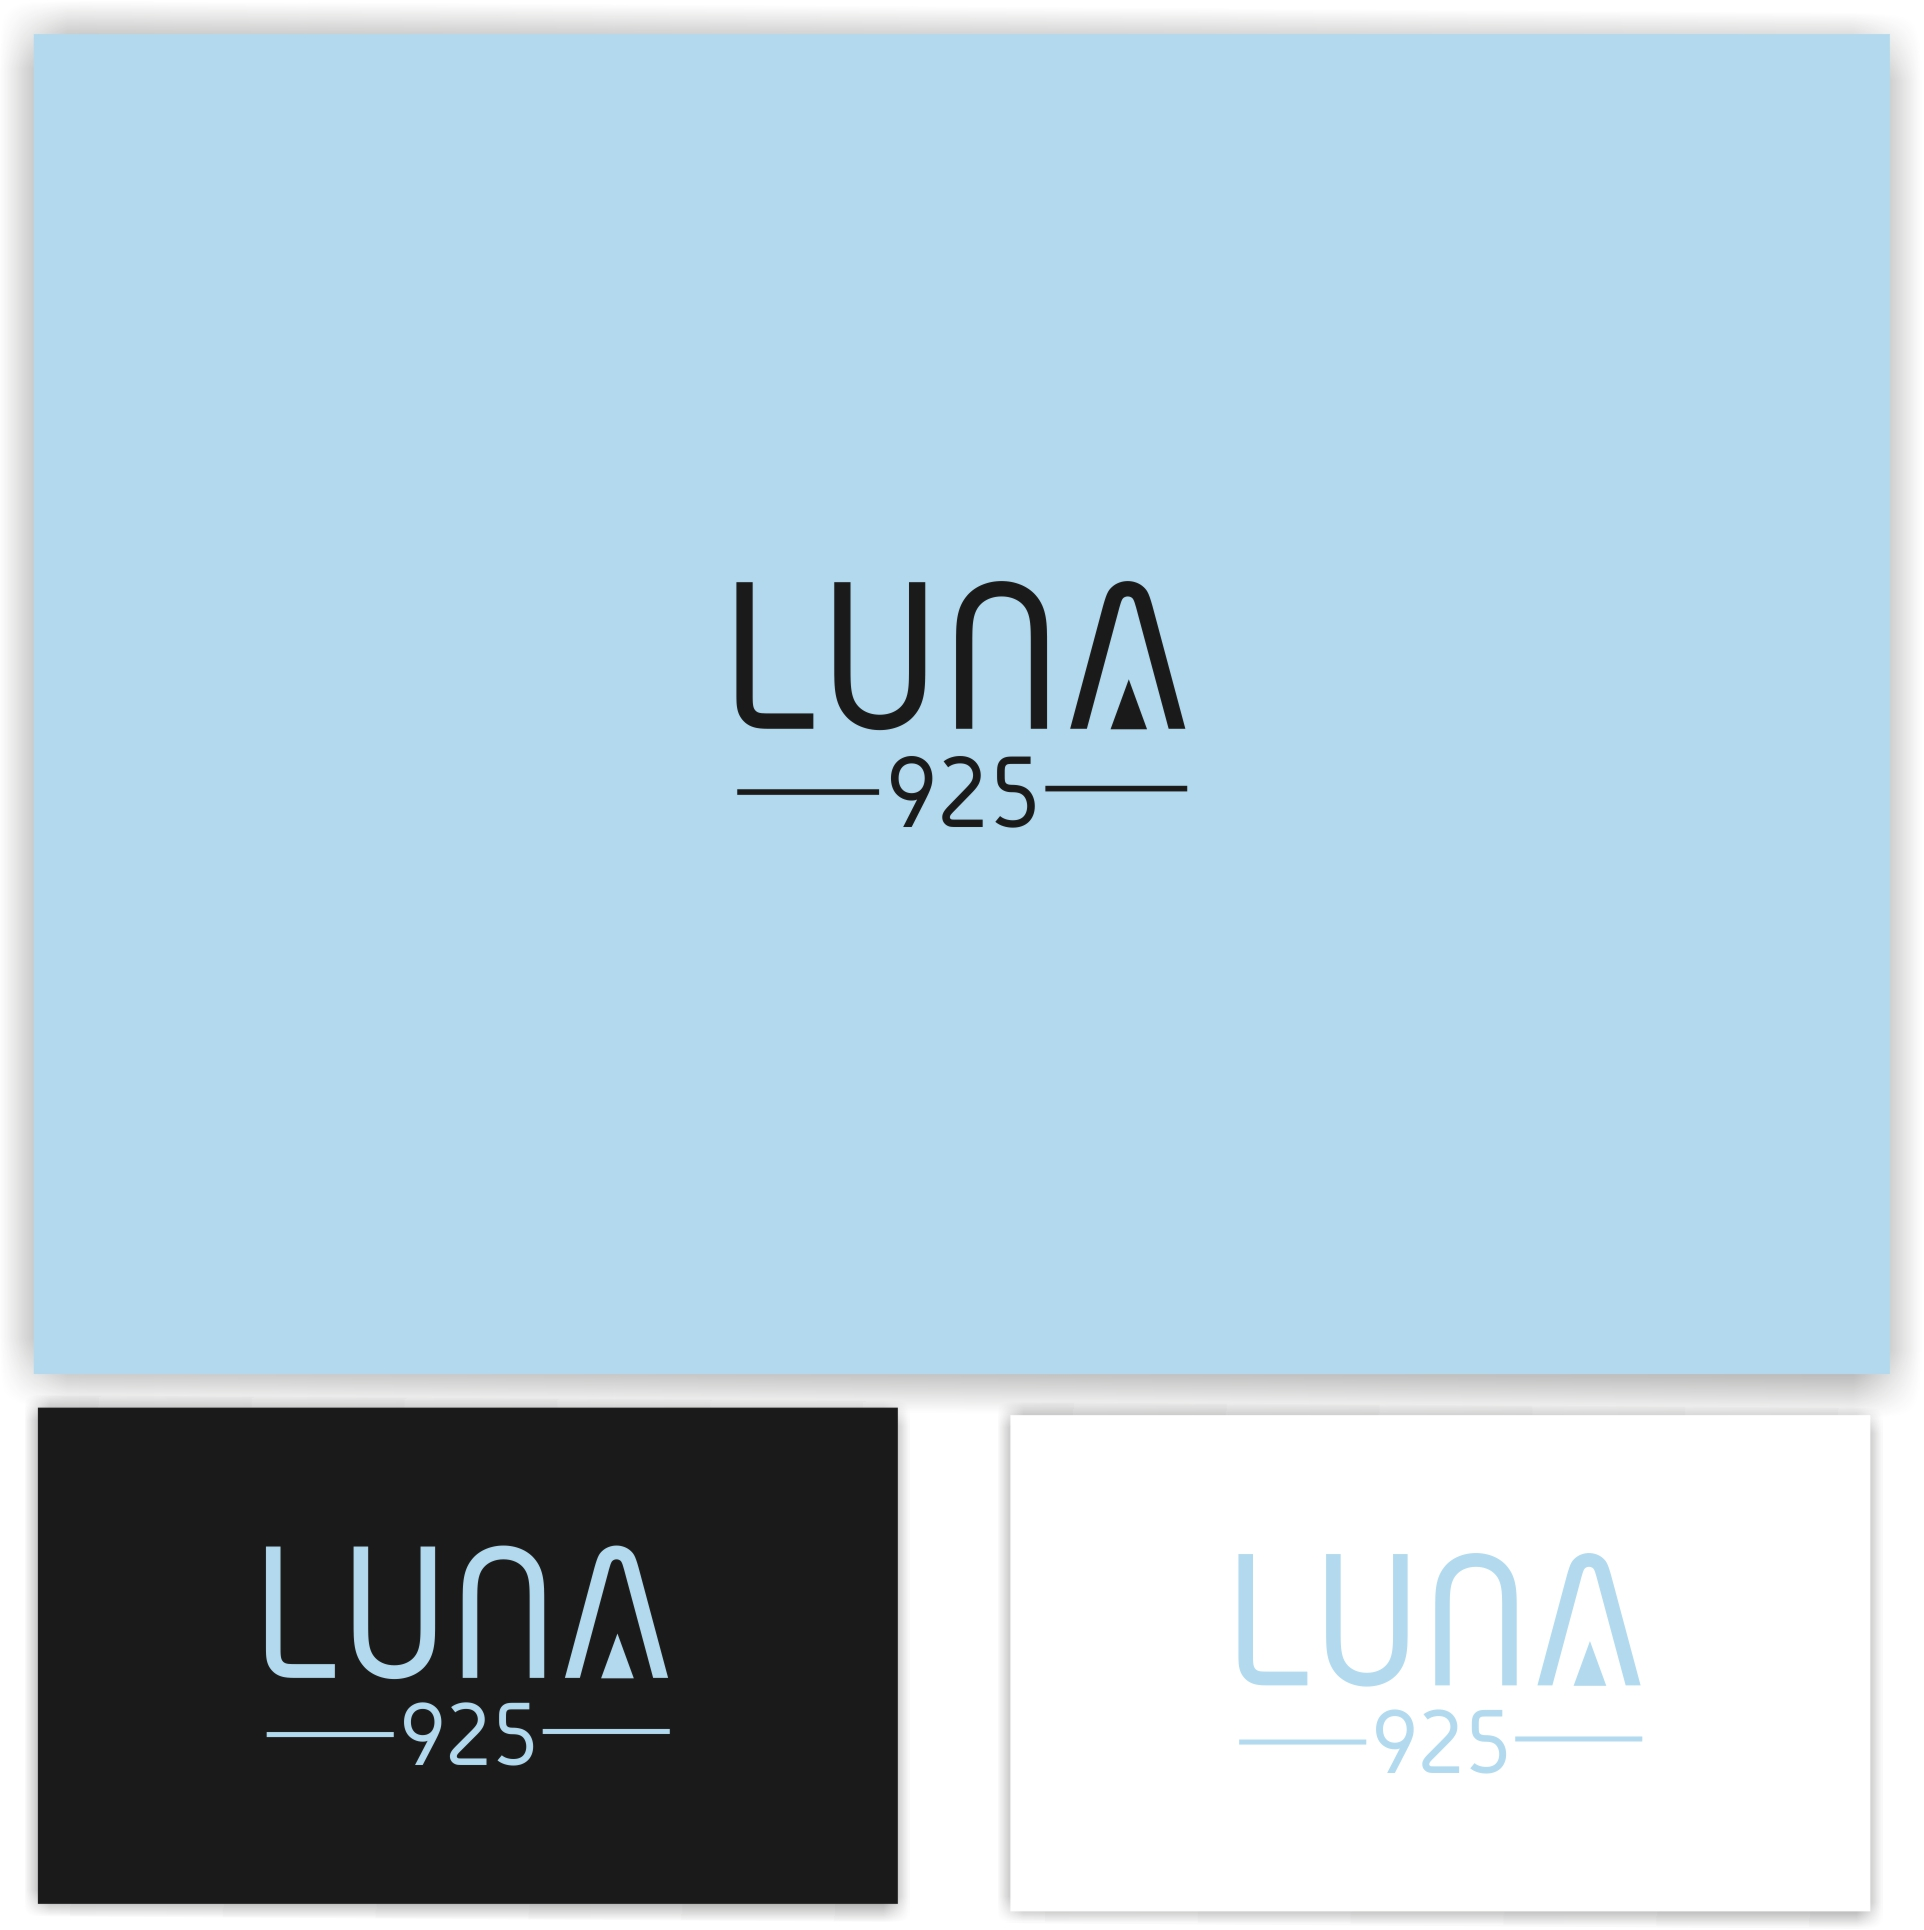 Логотип для столового серебра и посуды из серебра фото f_3325baf5cc1da760.jpg